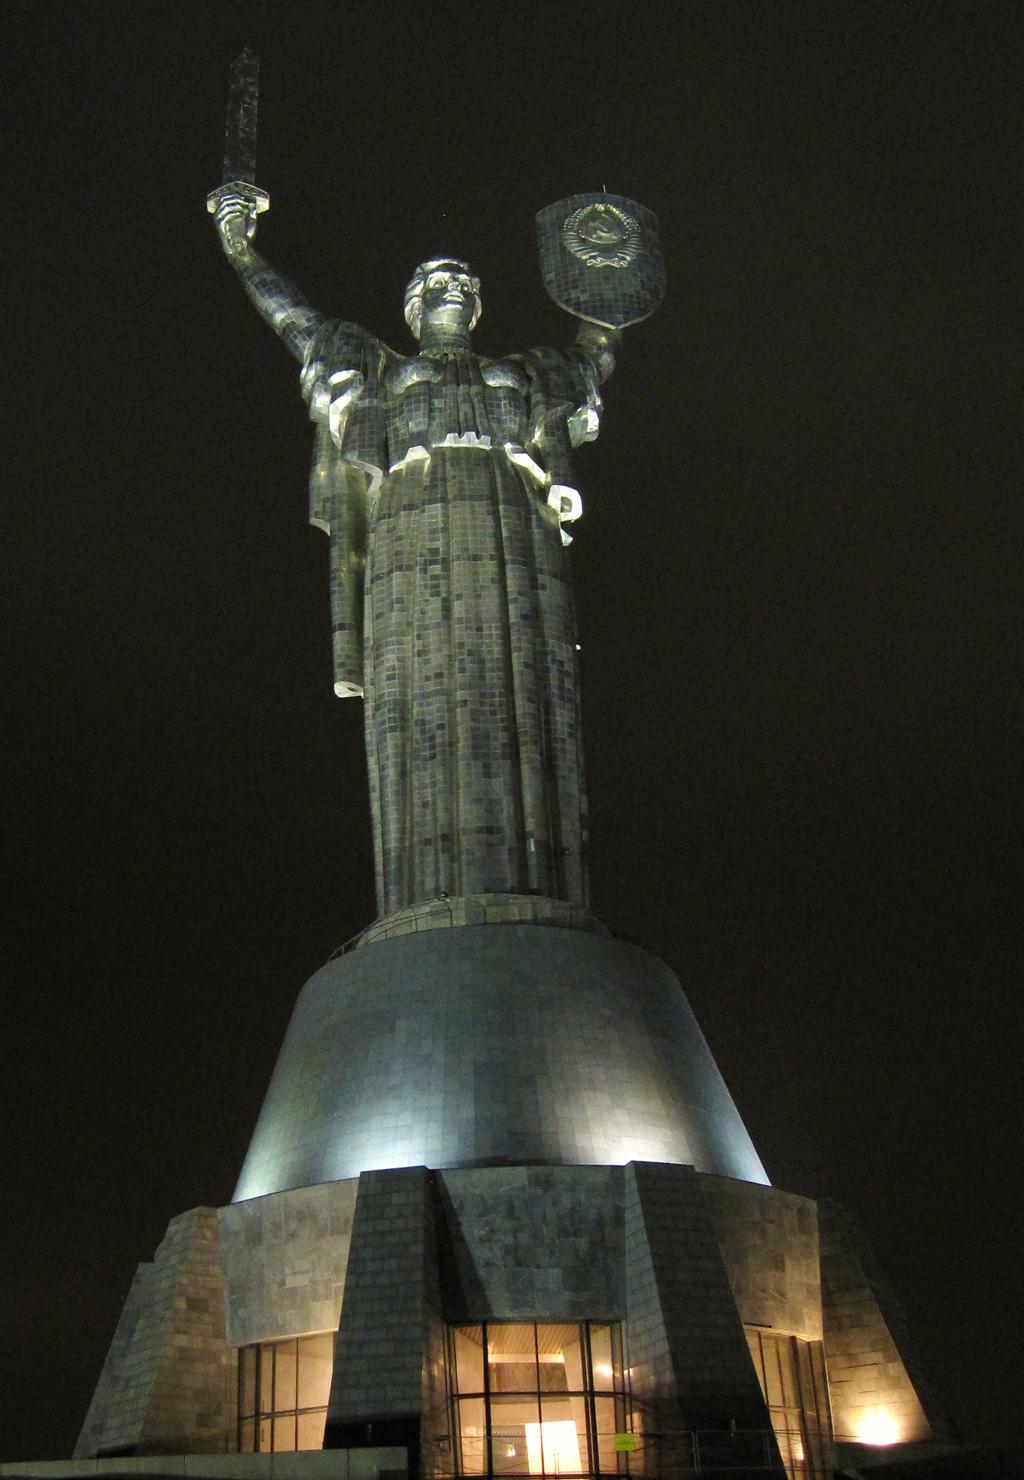 Oma Moskou, een oud sovjetbeeld bij het WOII-museum (62 meter hoog)